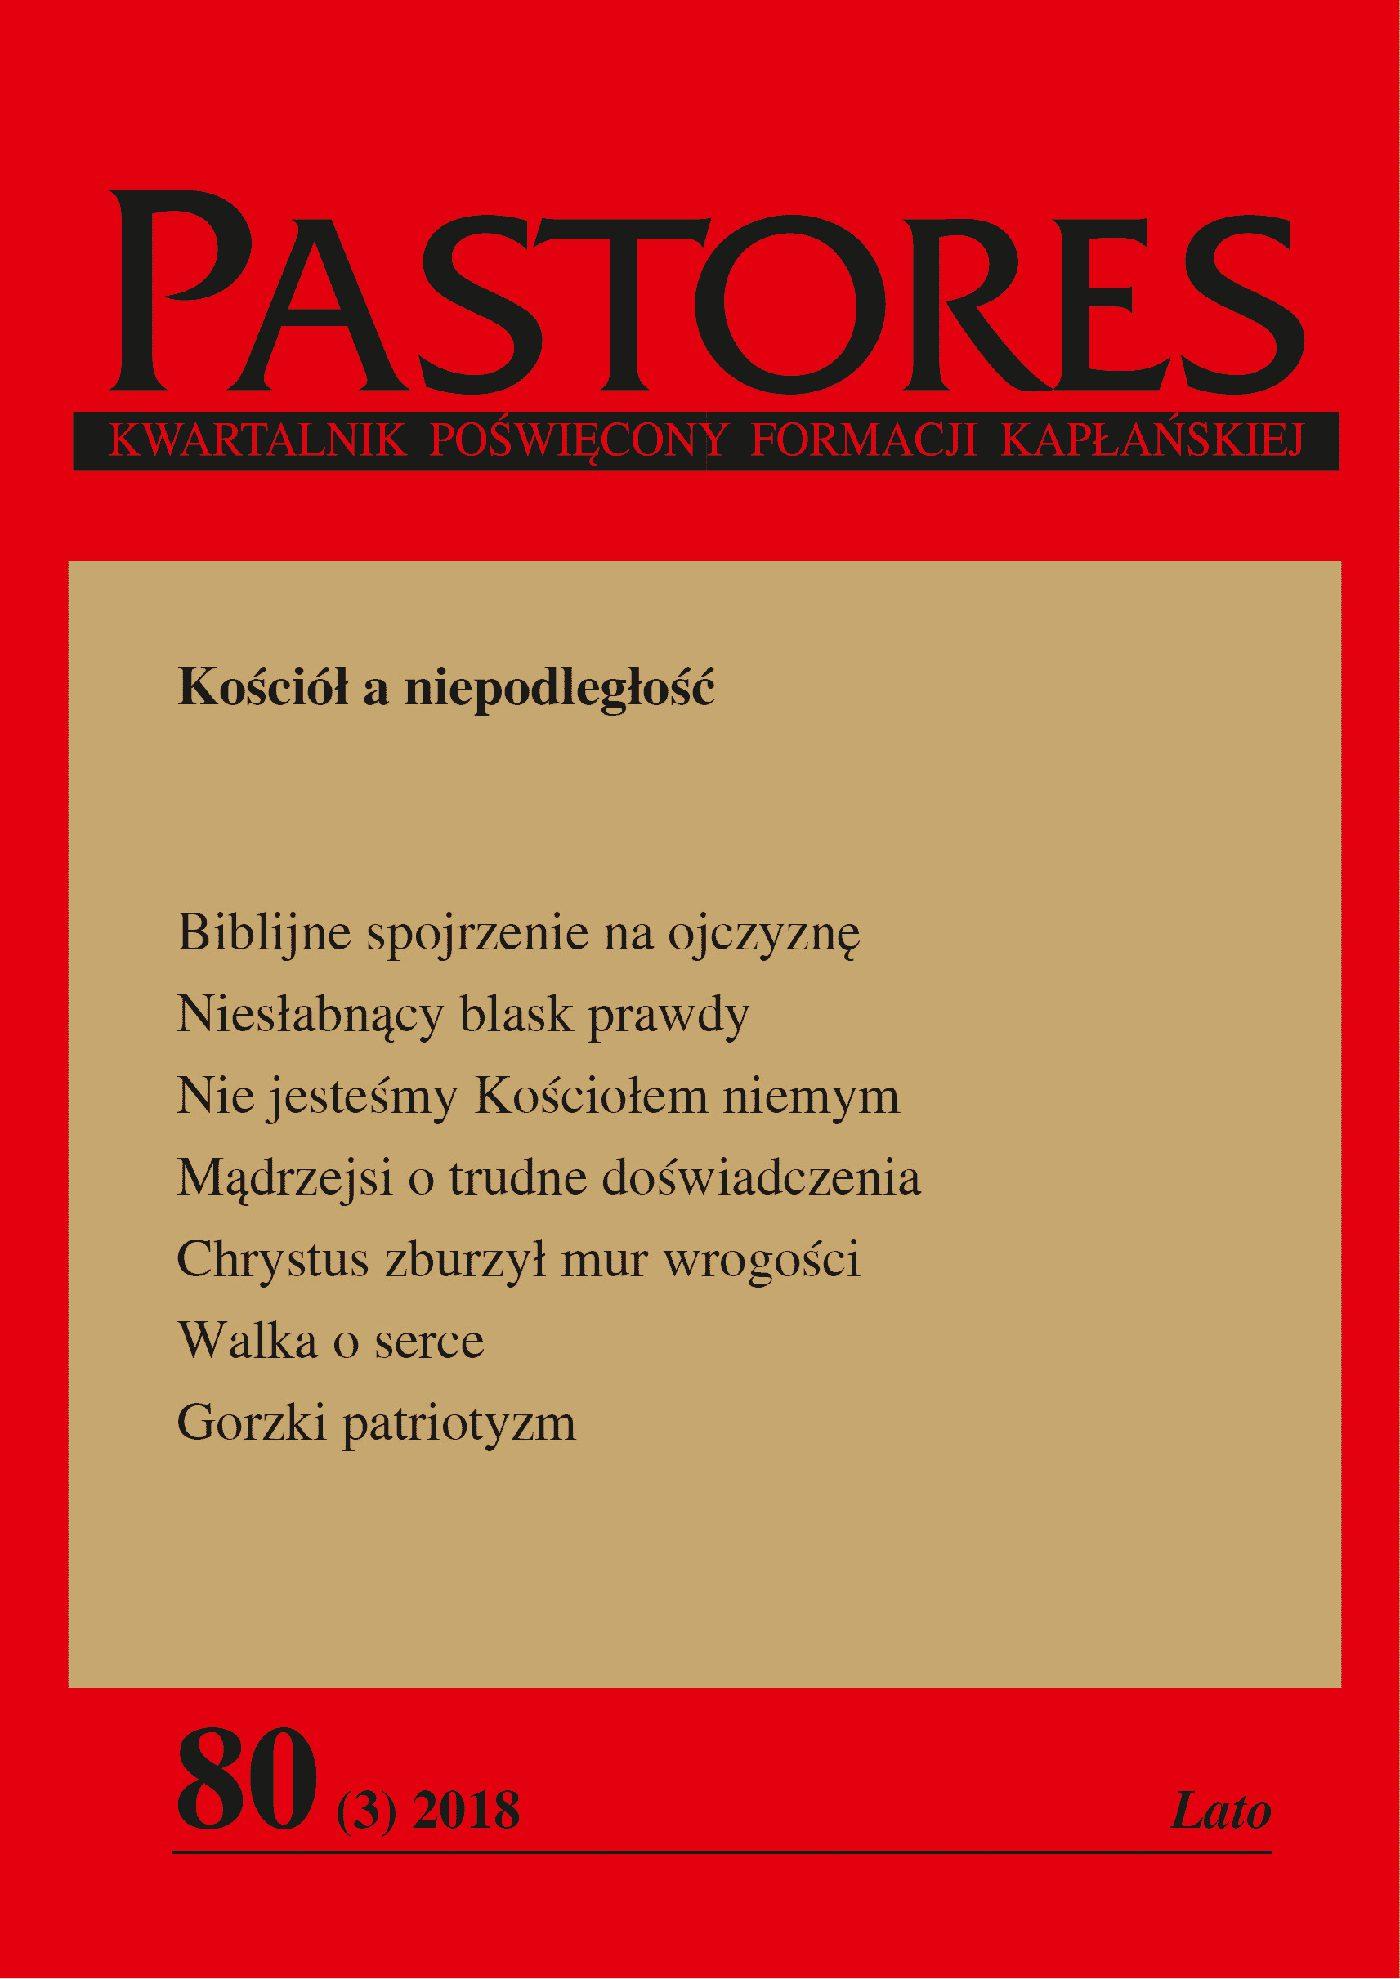 Pastores 80 (3) 2018 - Ebook (Książka EPUB) do pobrania w formacie EPUB